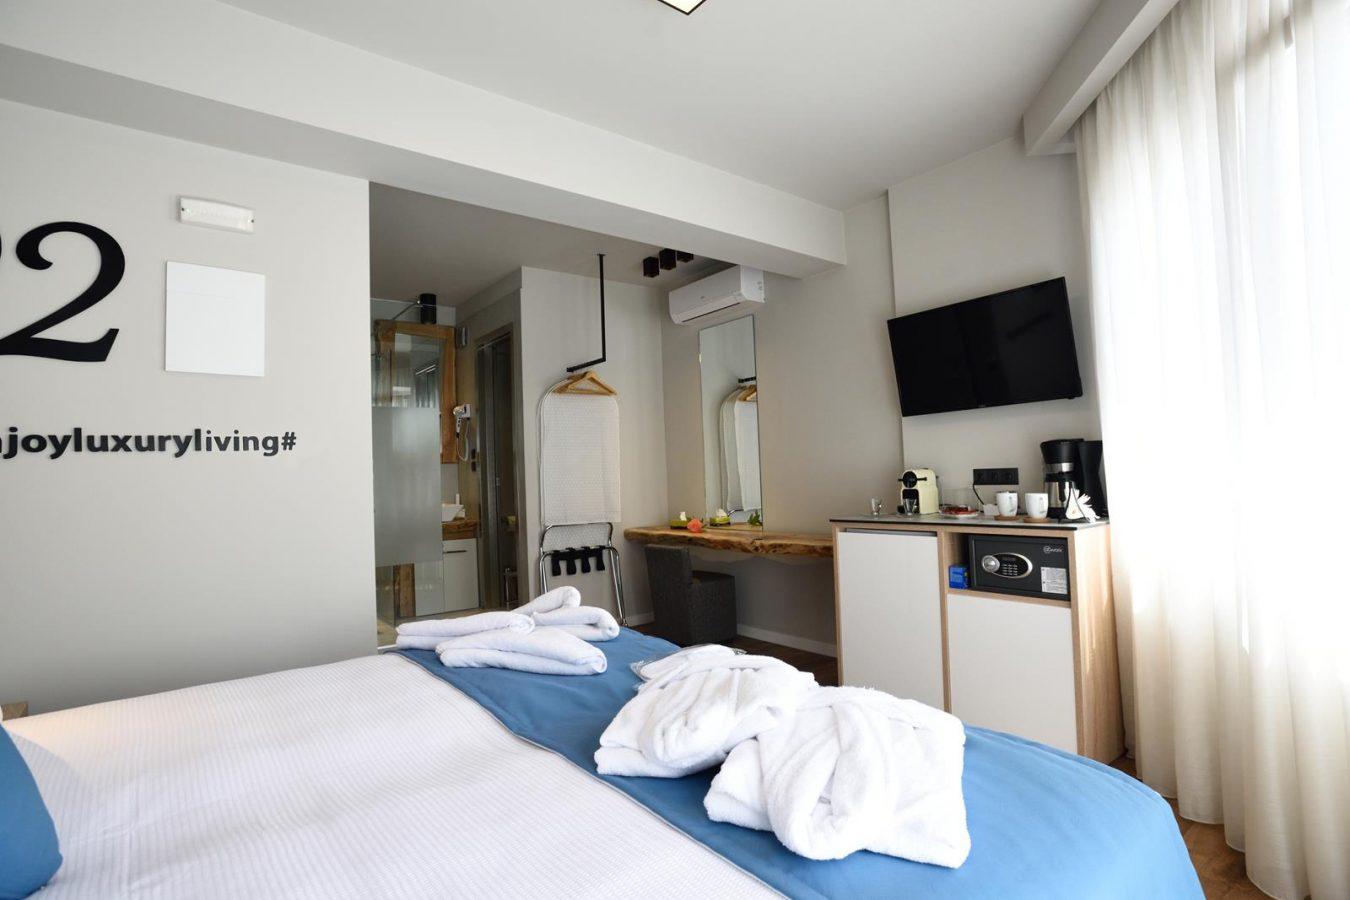 δωματια θεσσαλονικη κεντρο - magnifique luxury suites